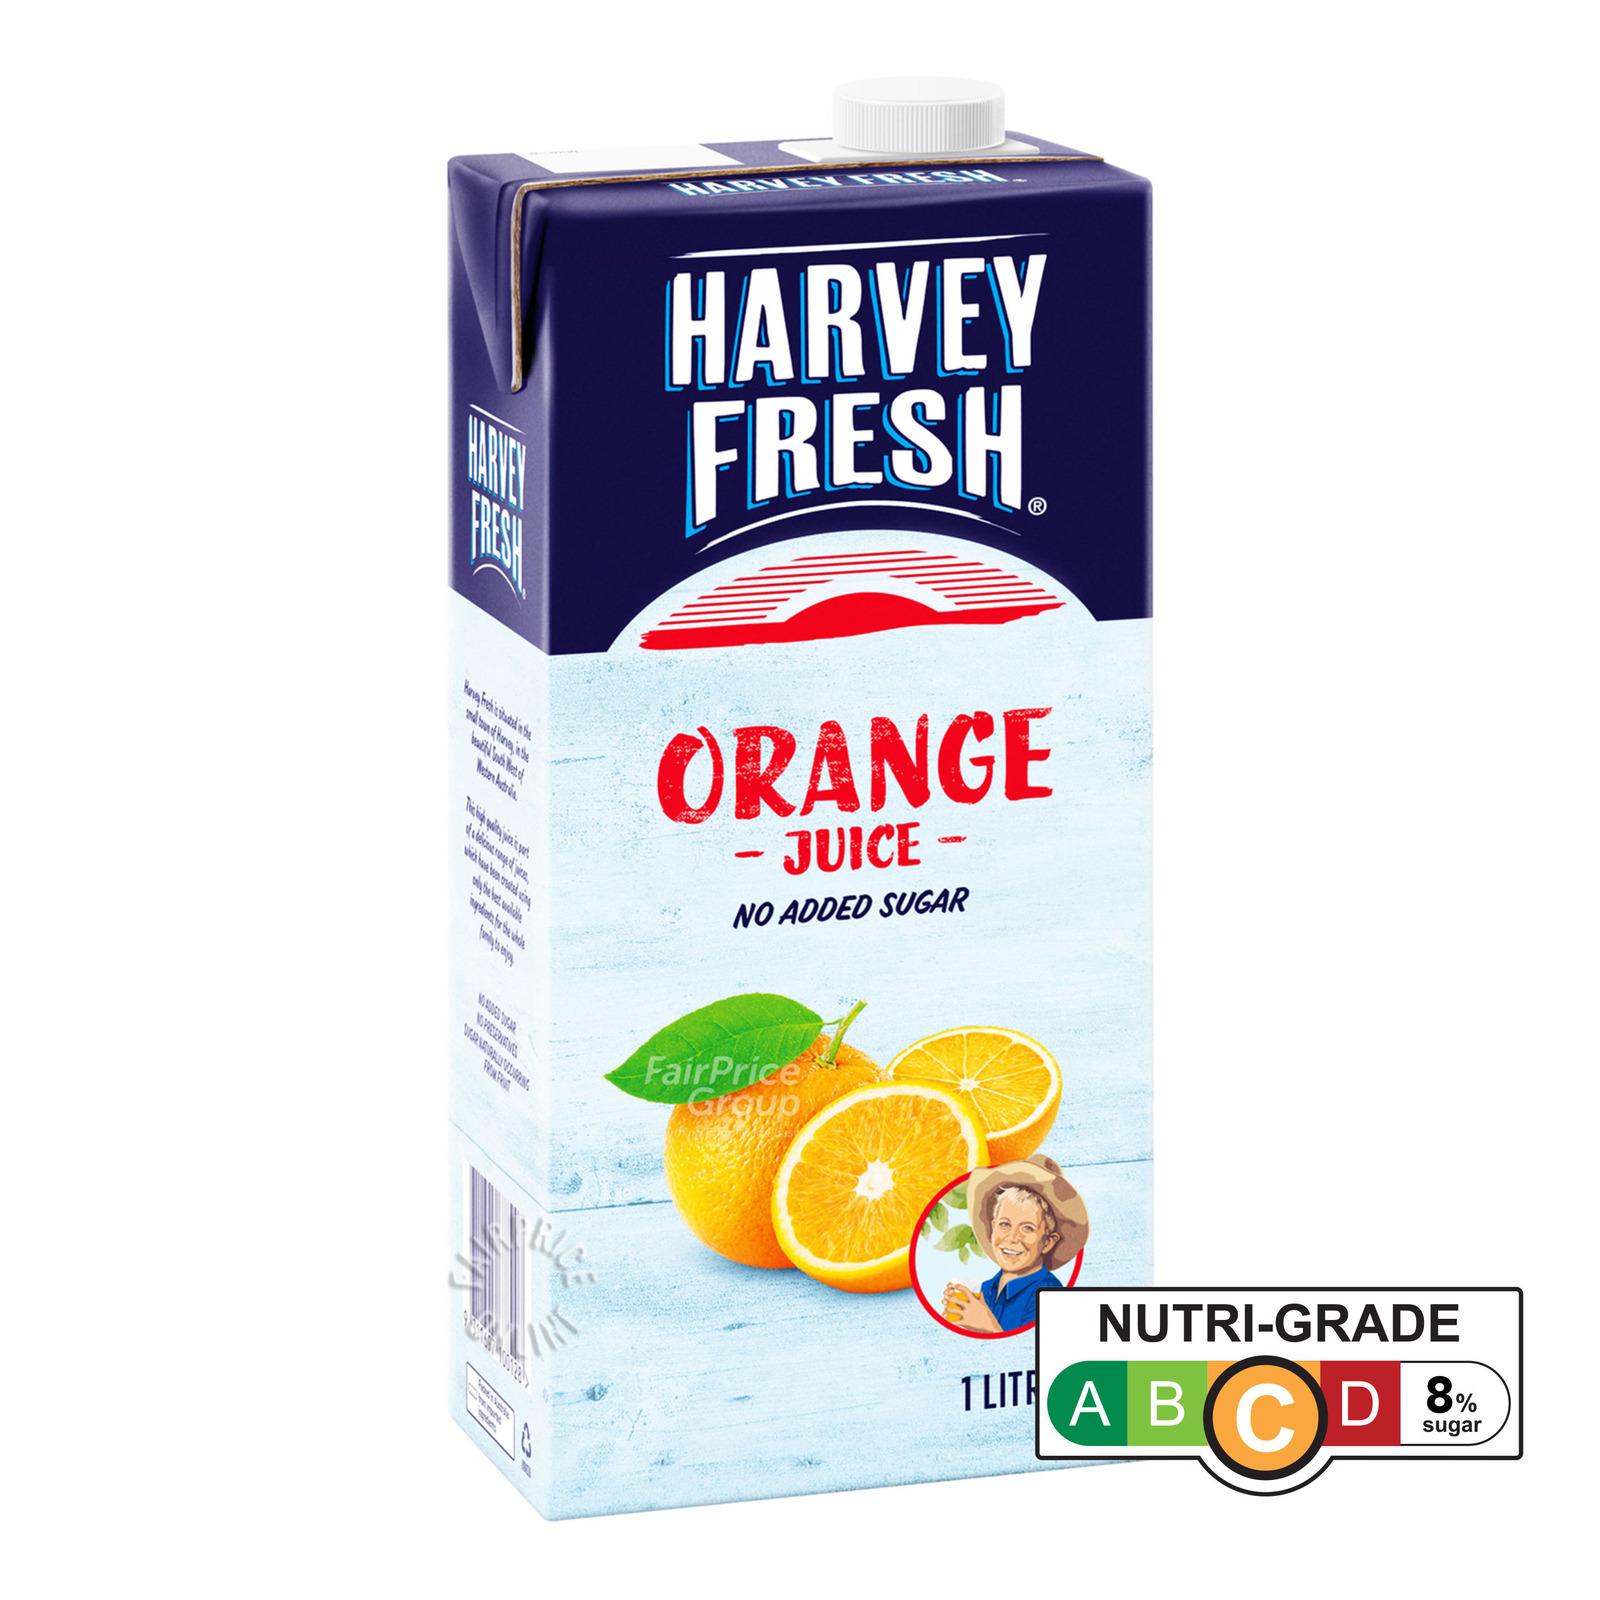 Harvey Fresh UHT Juice - Orange